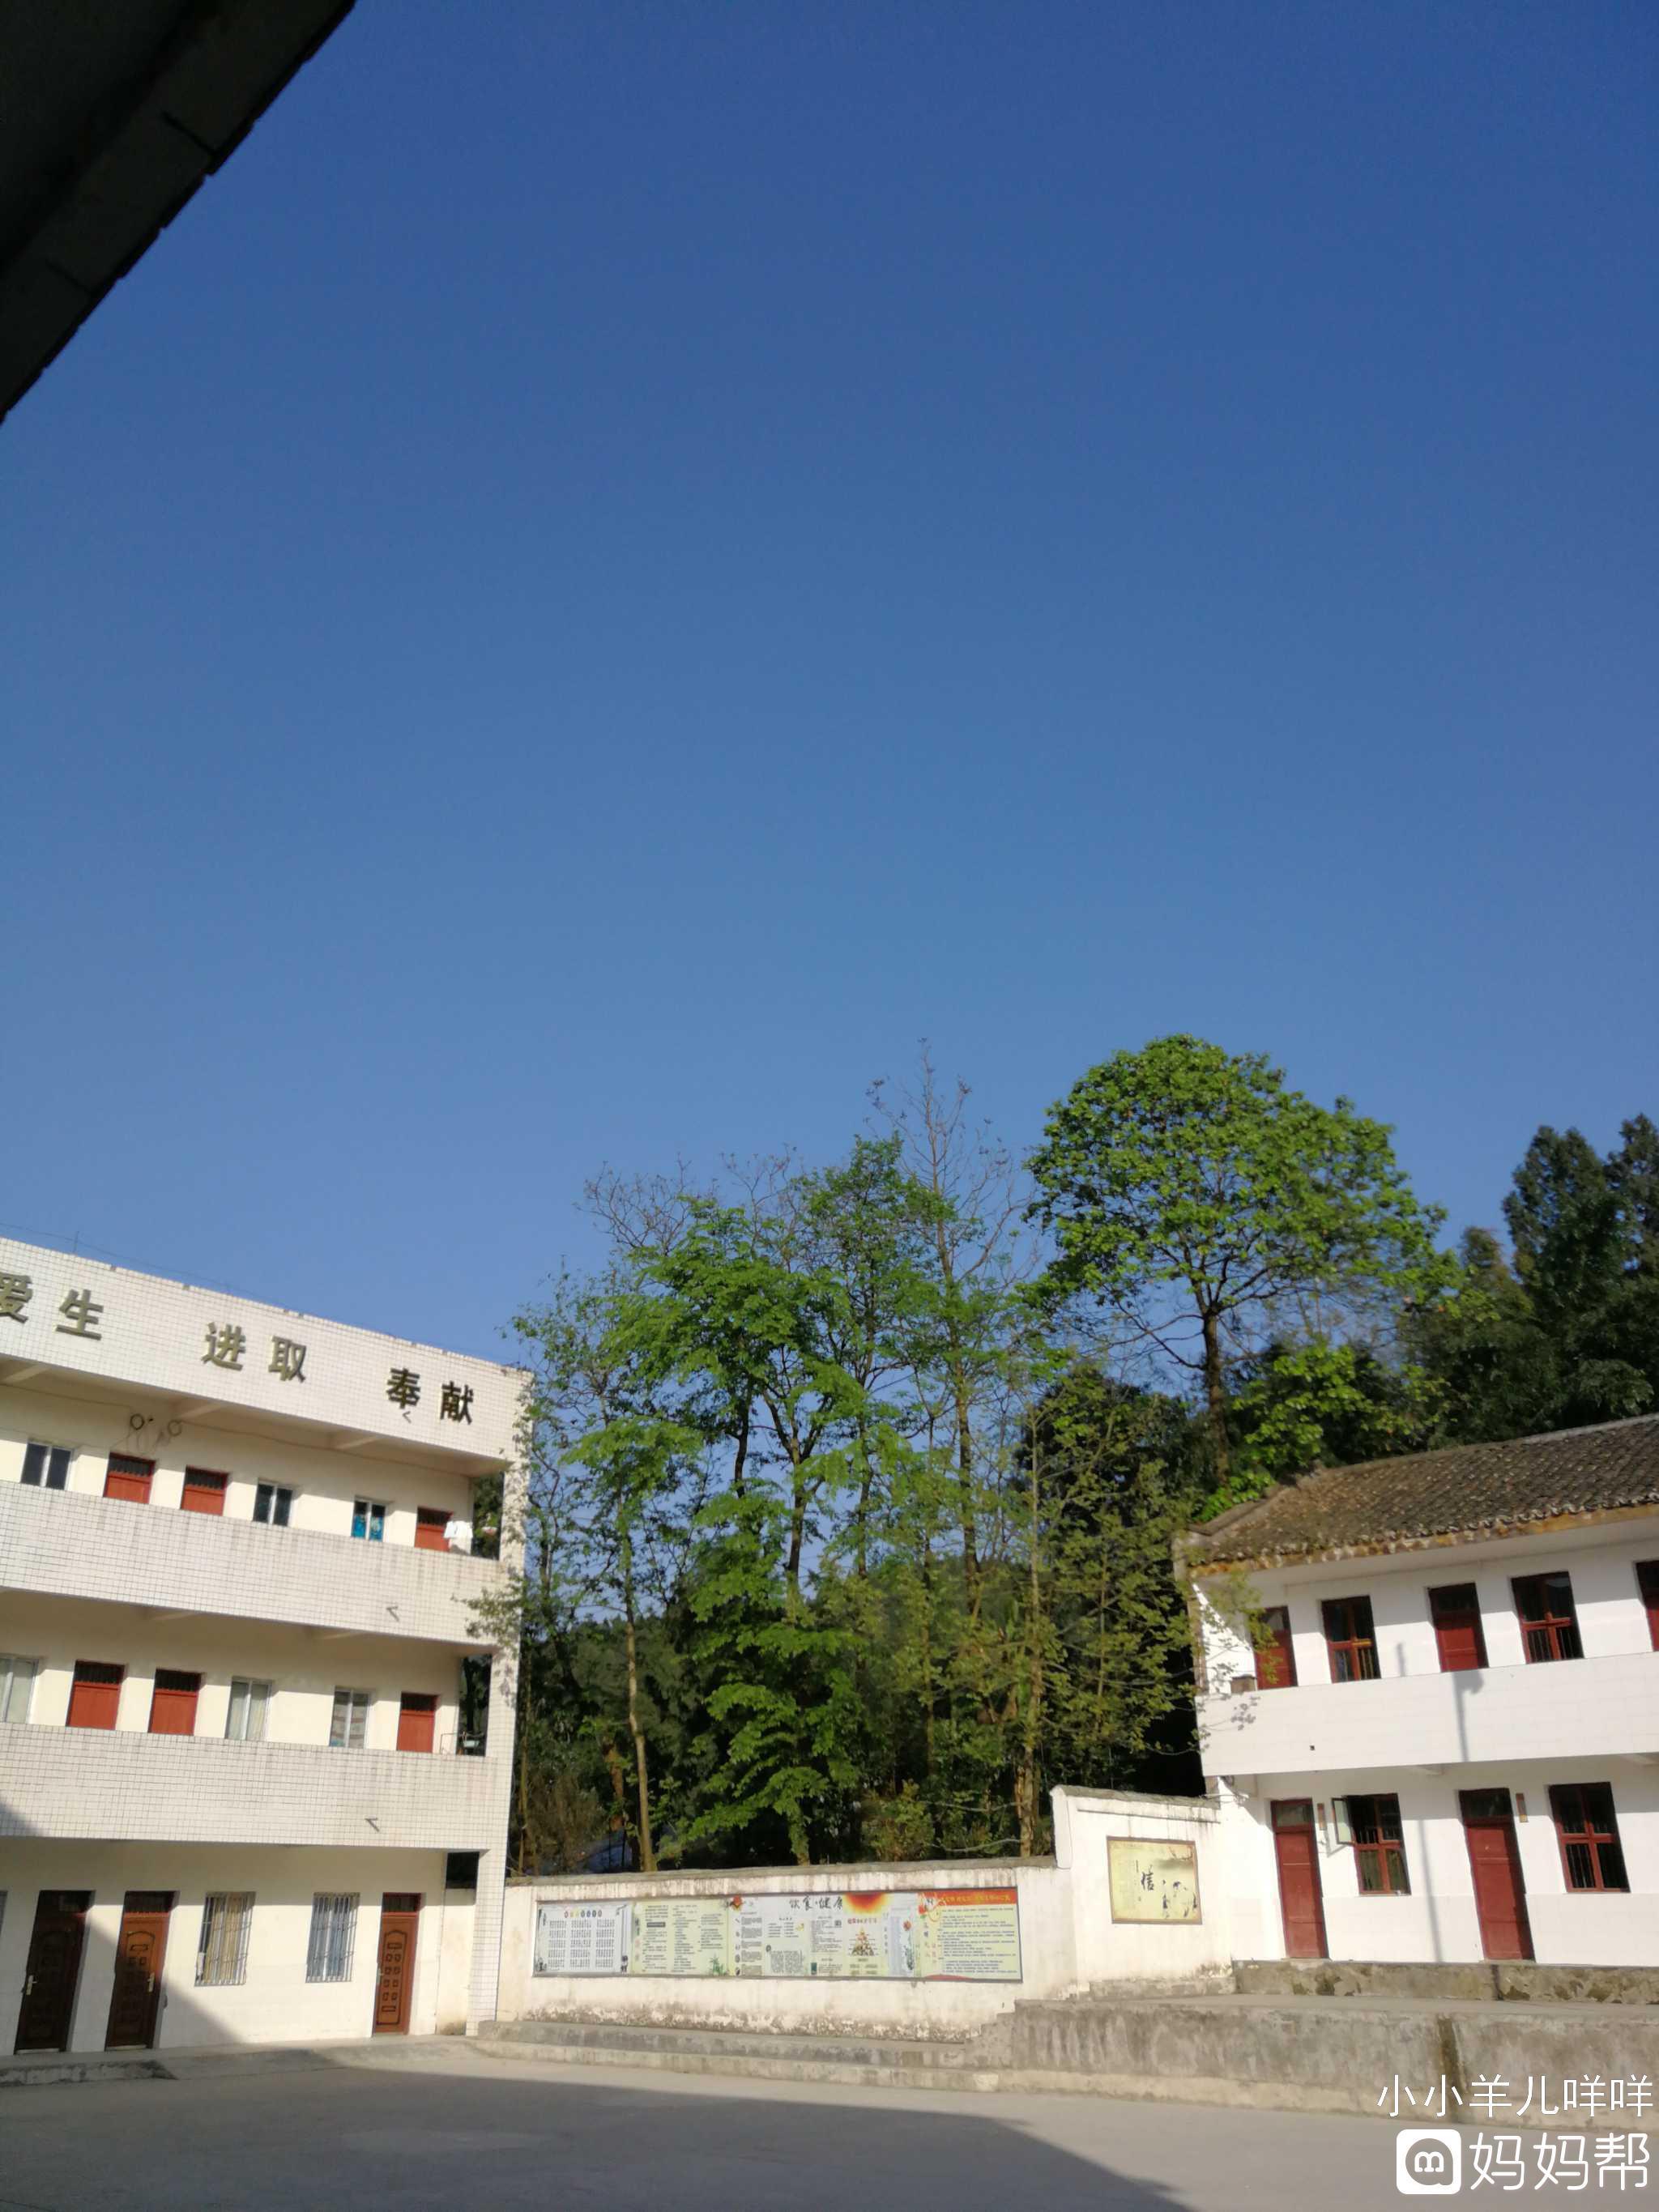 工作的地方,乡村学校的风景.